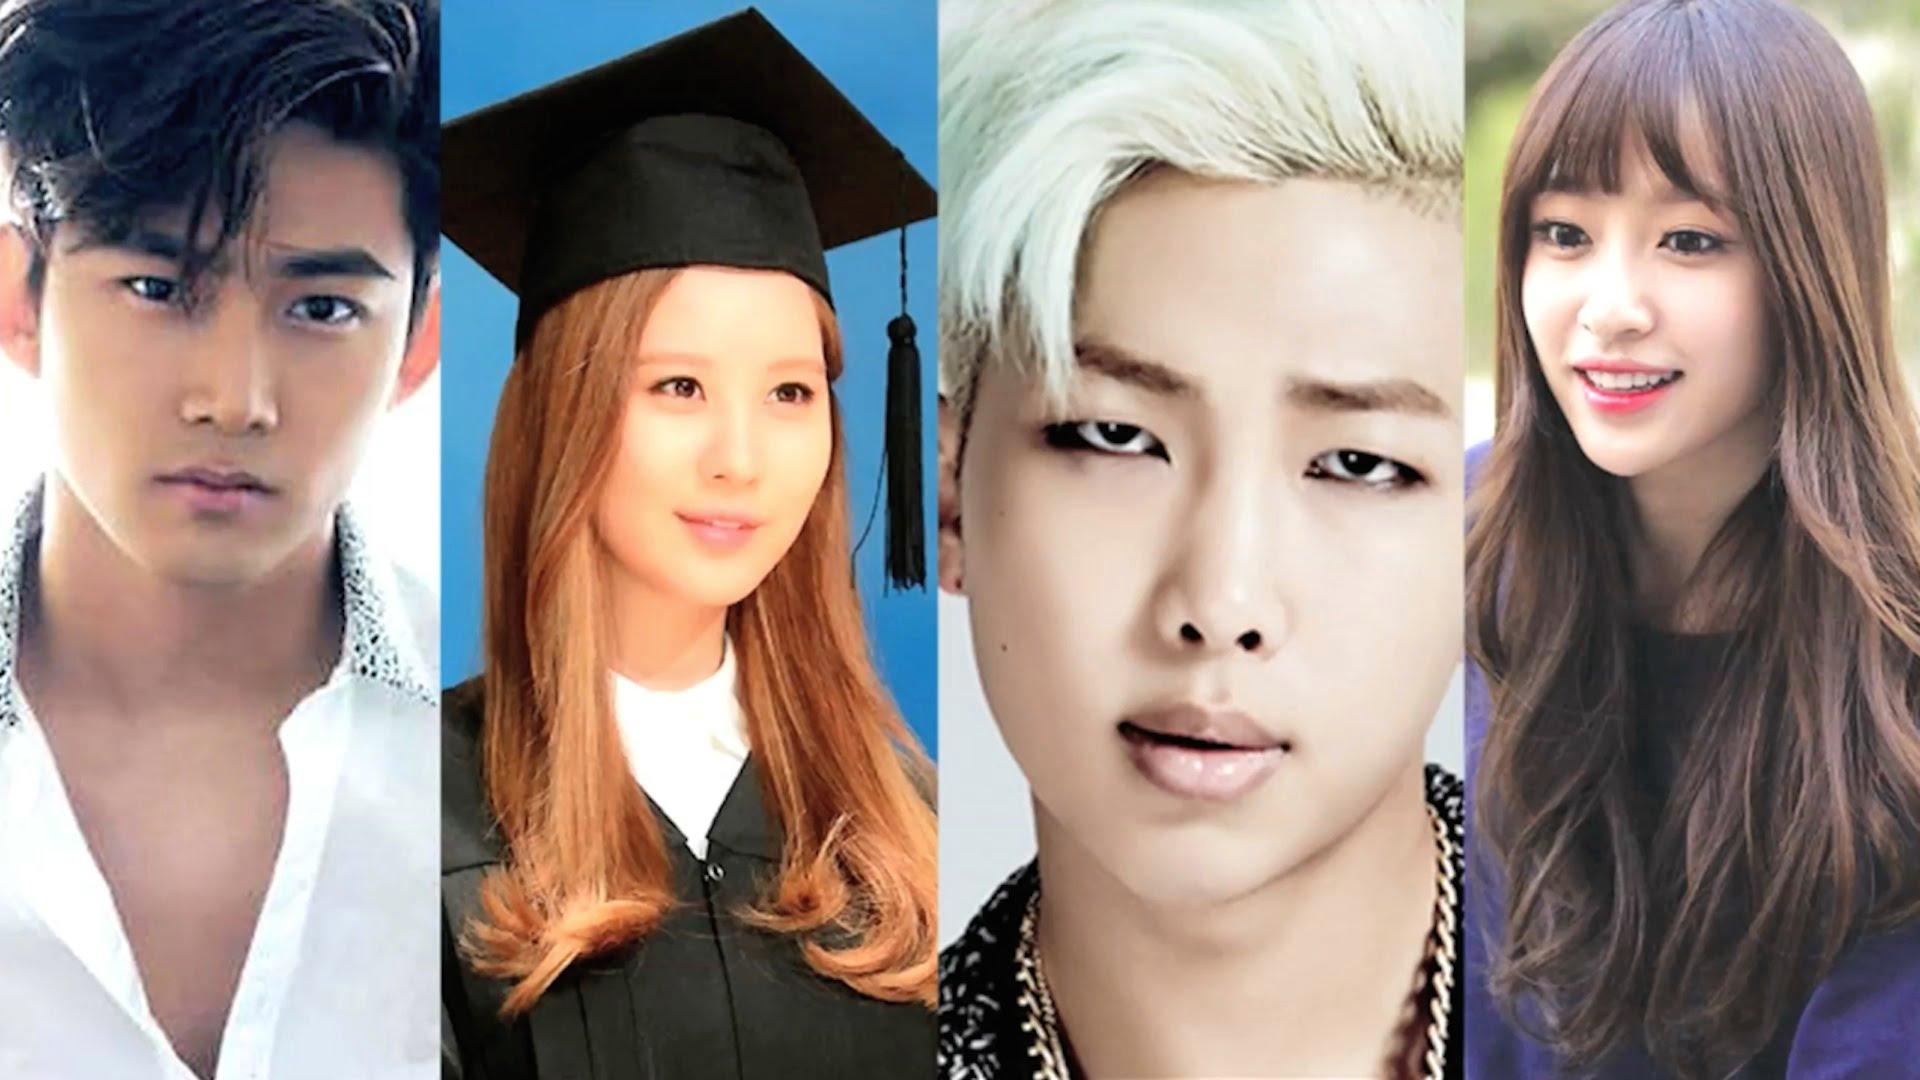 Мысль корейские поп клипы твоей